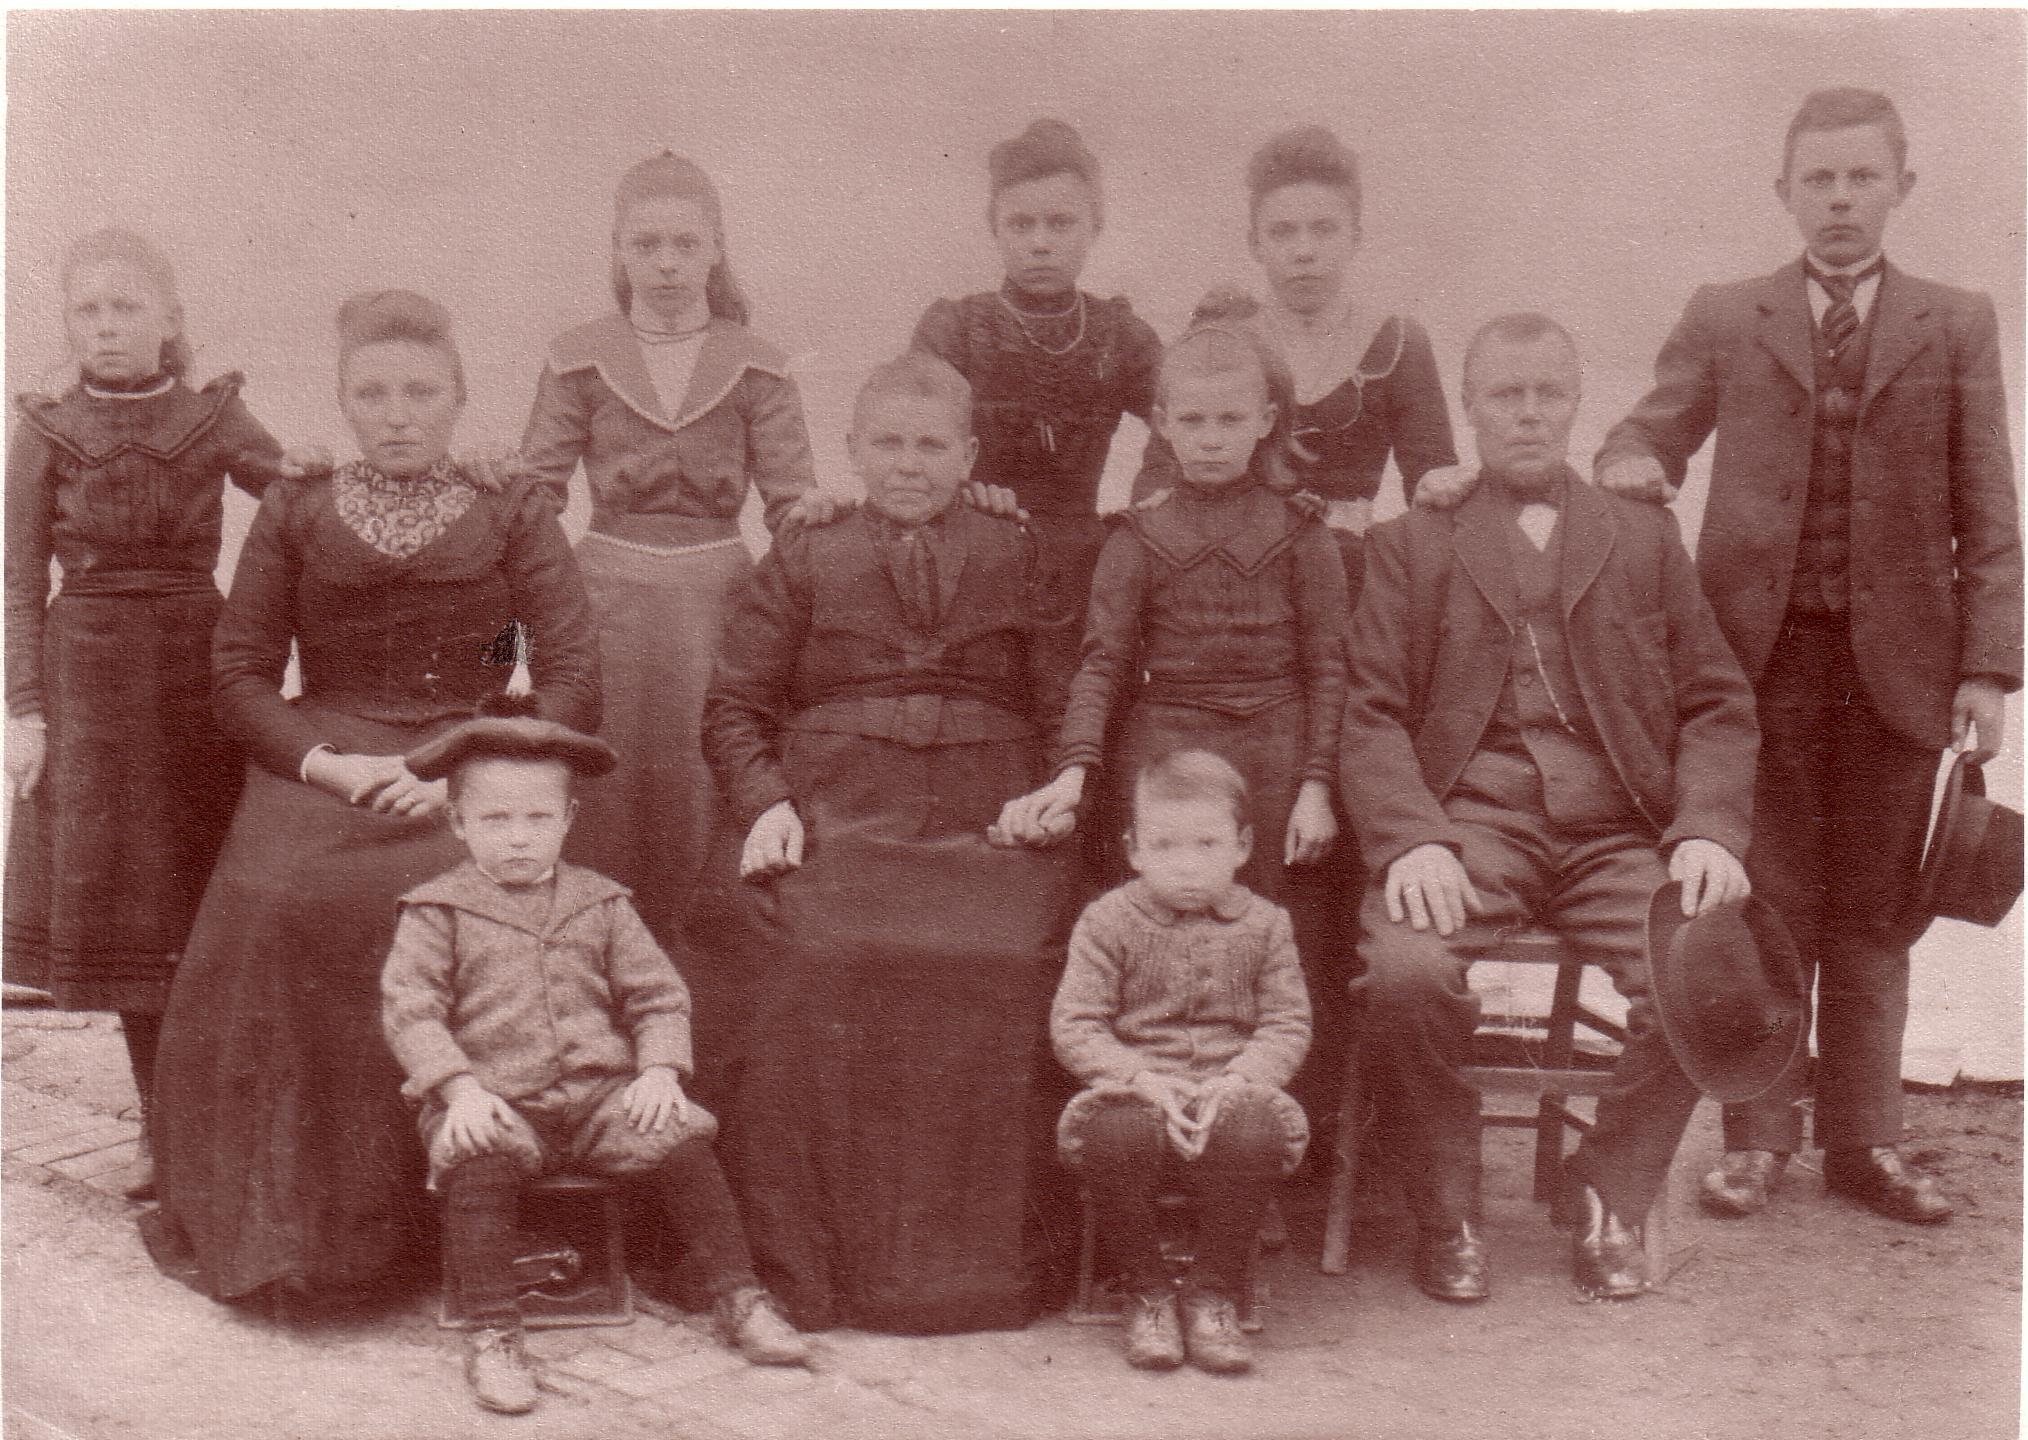 Onze overgrootouders Izak Buist en Trintje Muller met hun kinderen Pieterke, Klaaske, Arend, jantje, Martje, Auktje, Jacoba, Jan en Gerrit. Hier in ongeveer 1901. In 1912 emigreerden ze naar Grand-Rapids (Michigan USA). Pieterke en Klaaske waren reeds getrouwd en bleven achter. Izak was toen al 57 jaar oud en de jongste, Gerrit 14. Arend was in 1905 en 1906 al gegaan en in 1912 weer. Ook Homan verloofde van Jantje zat op die boot 1n 1912.